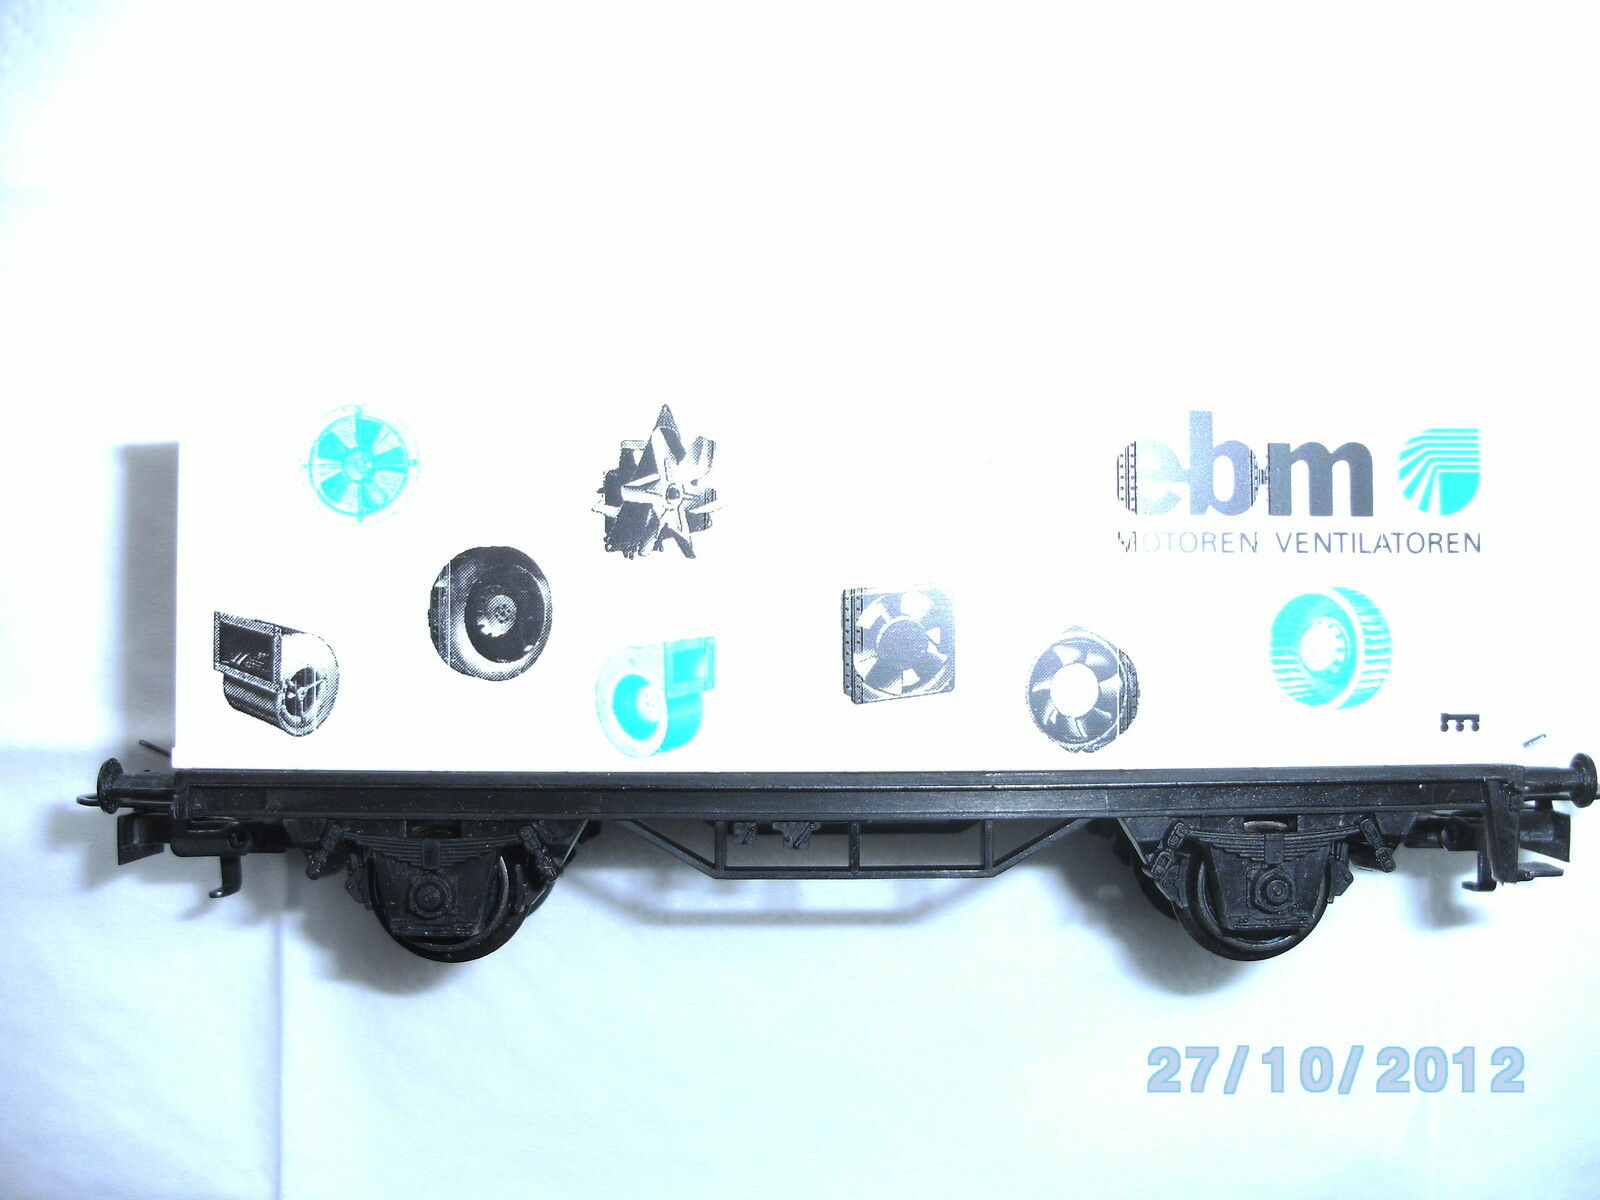 Märklin SoMo ebm (ebm-papst)    Um Zuerst Unter ähnlichen Produkten Rang